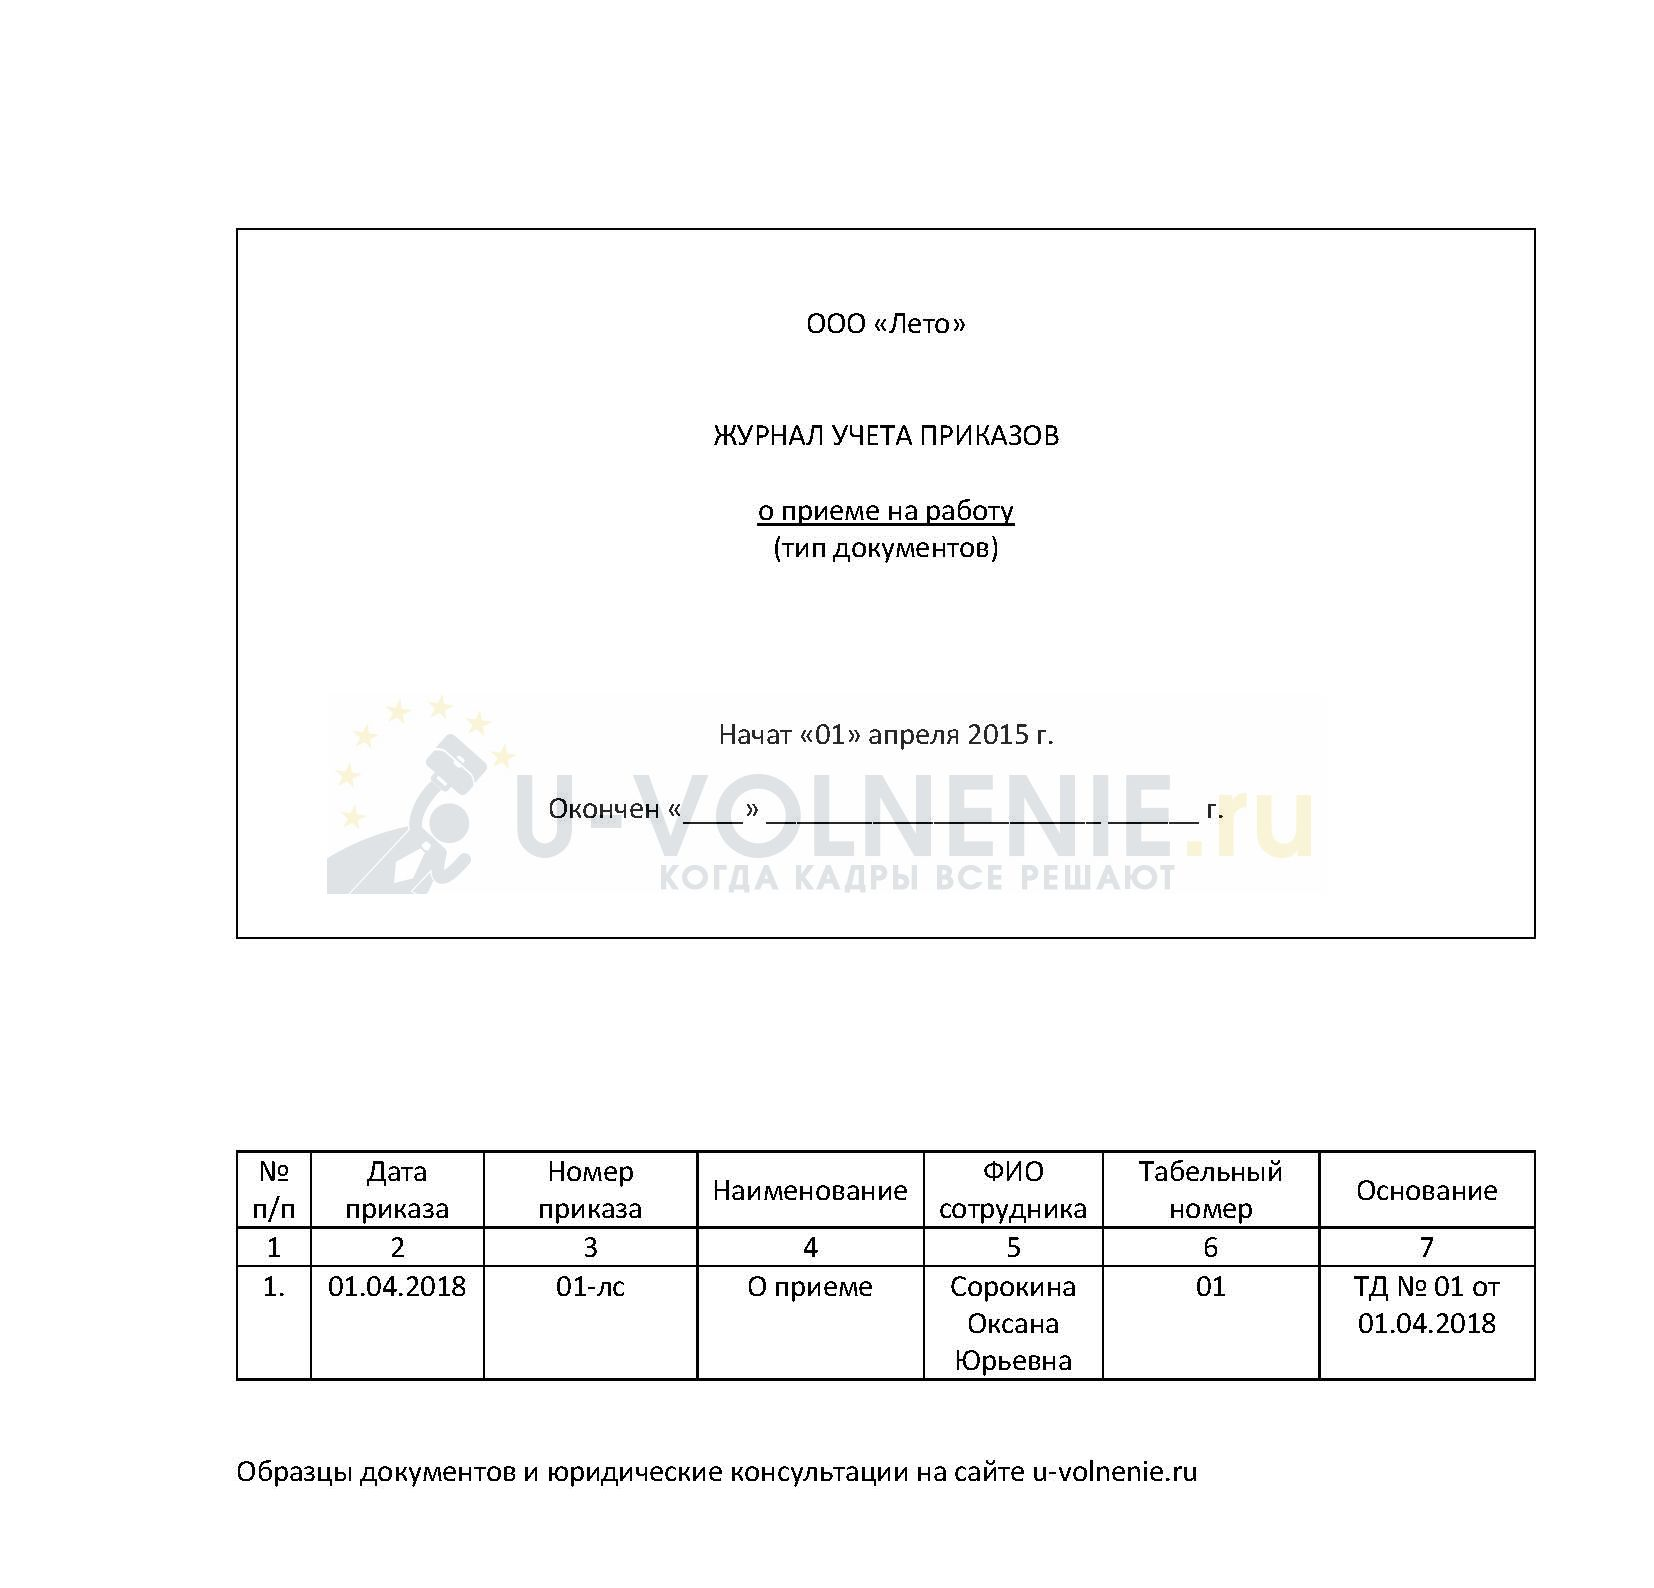 Образец заполнения журнала регистрации приказов